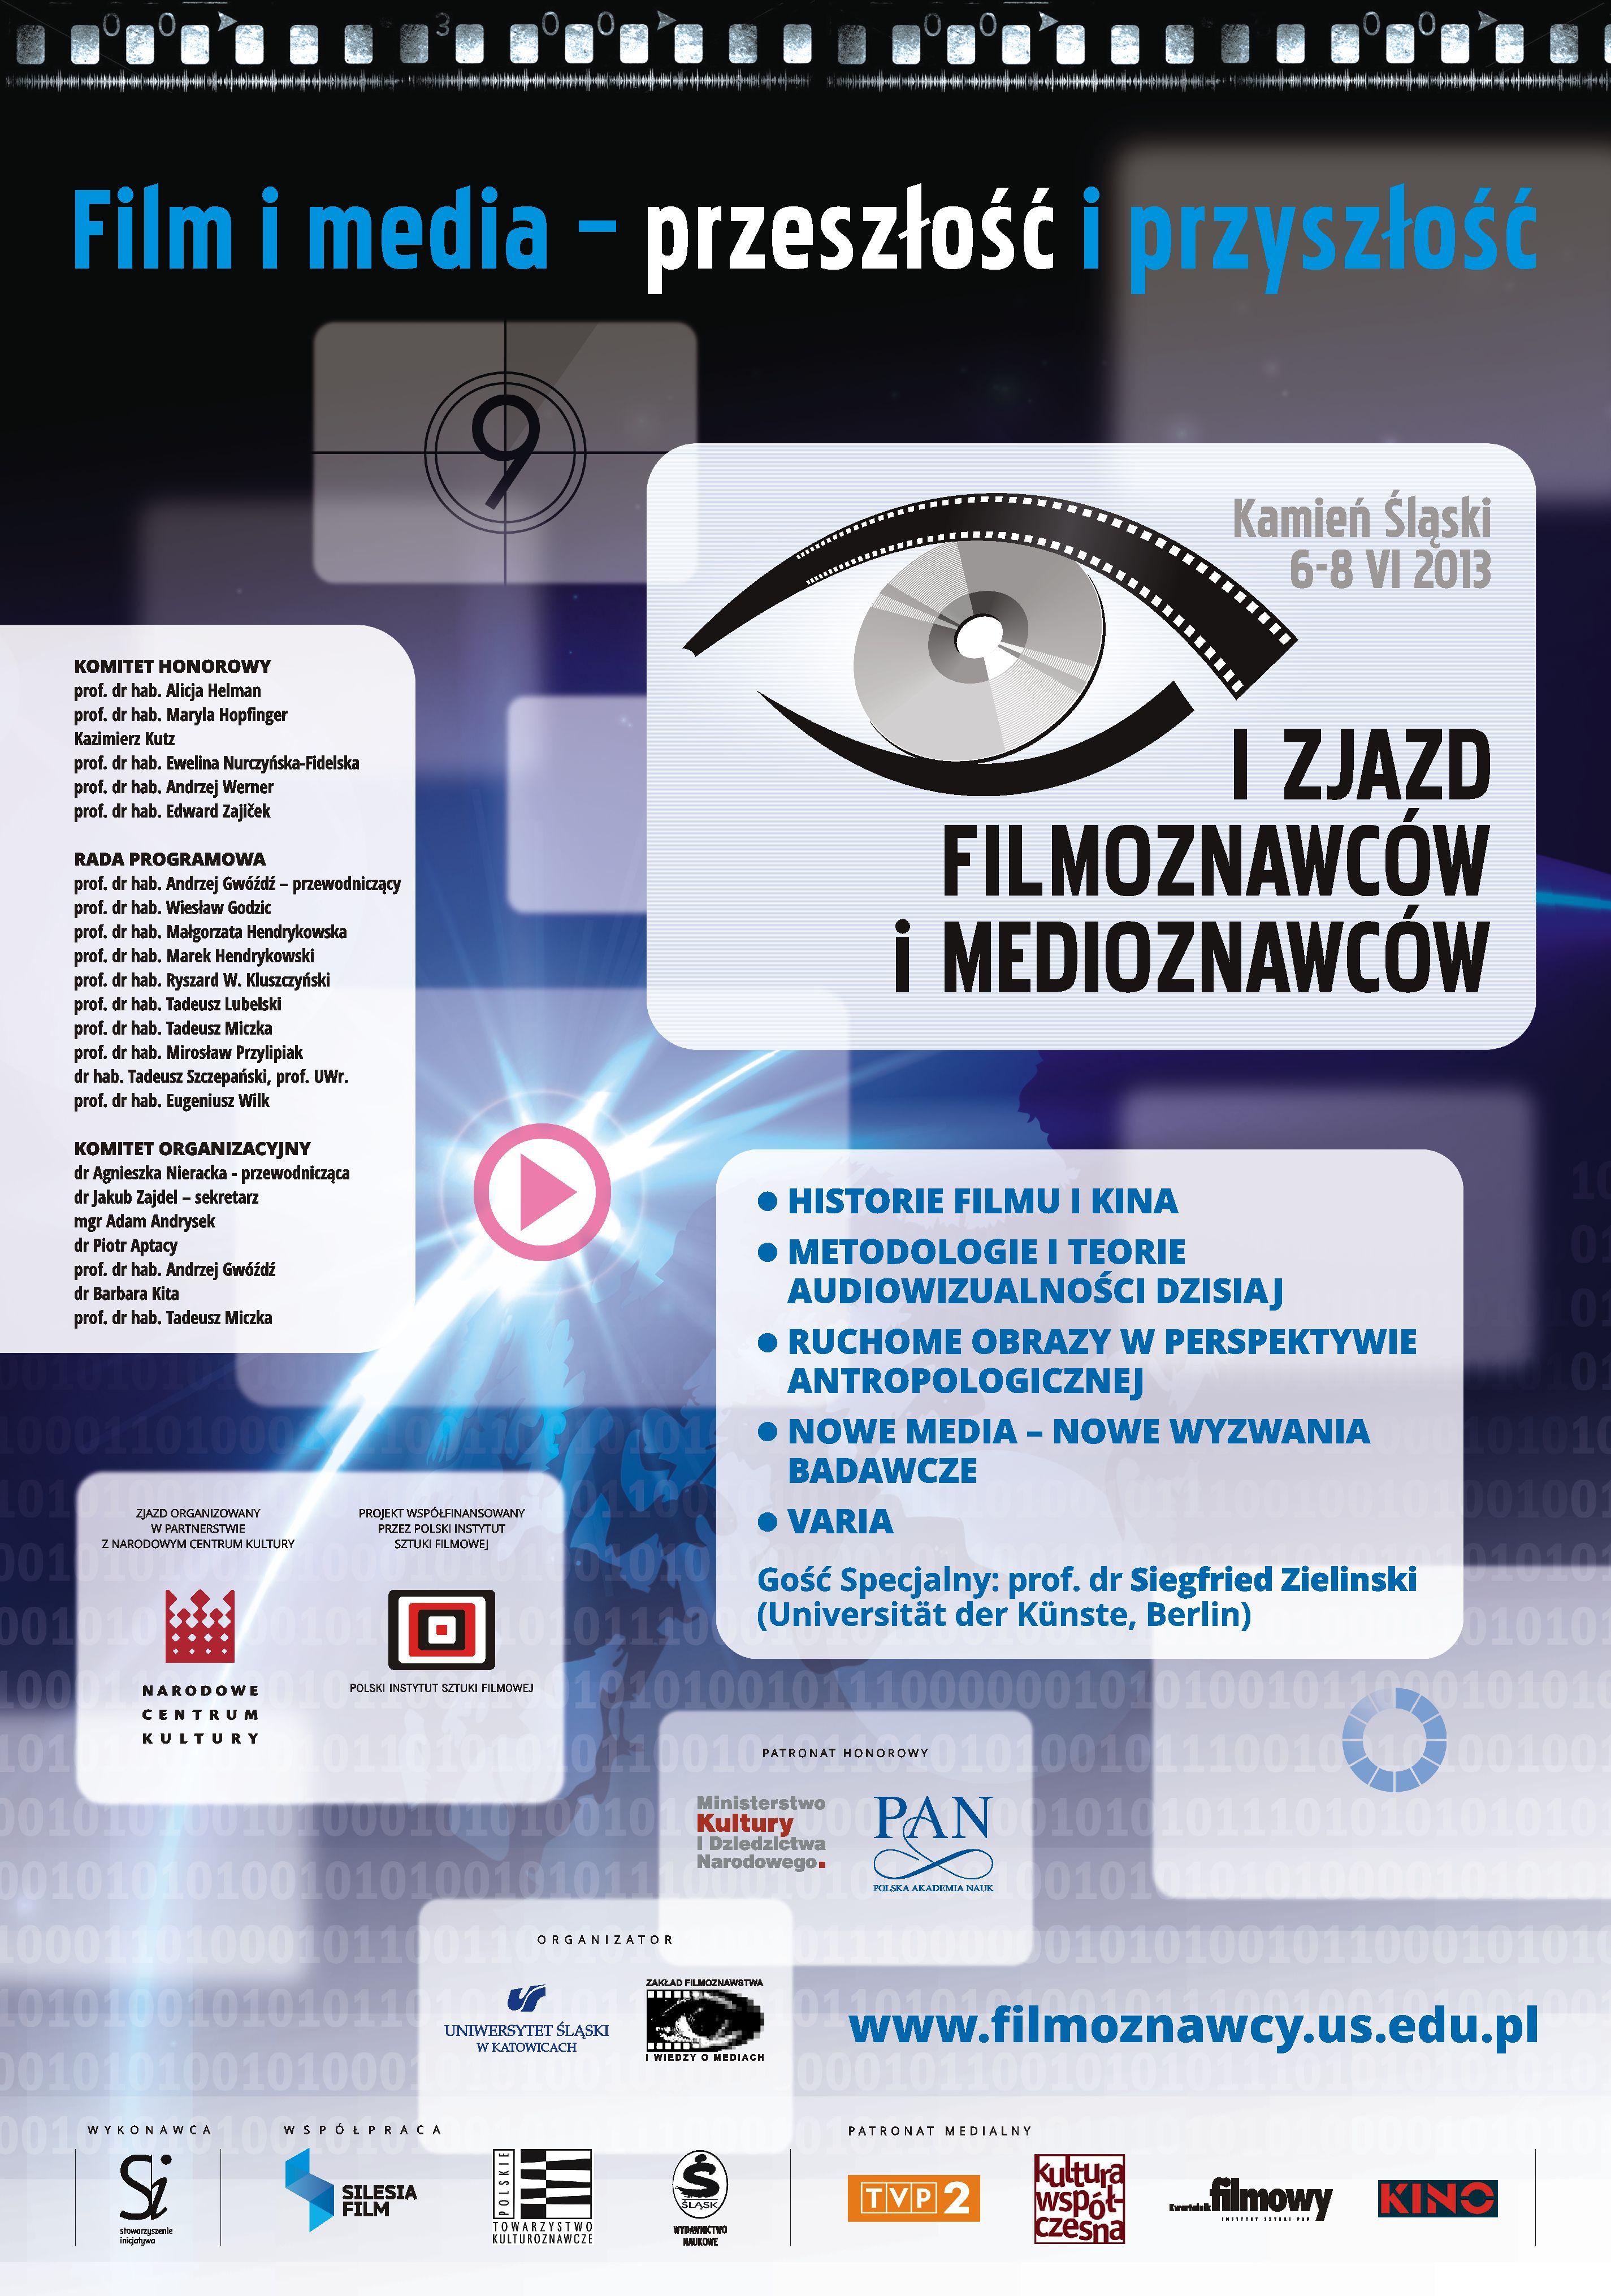 FILMOZNAWCY ZJAZD plakat